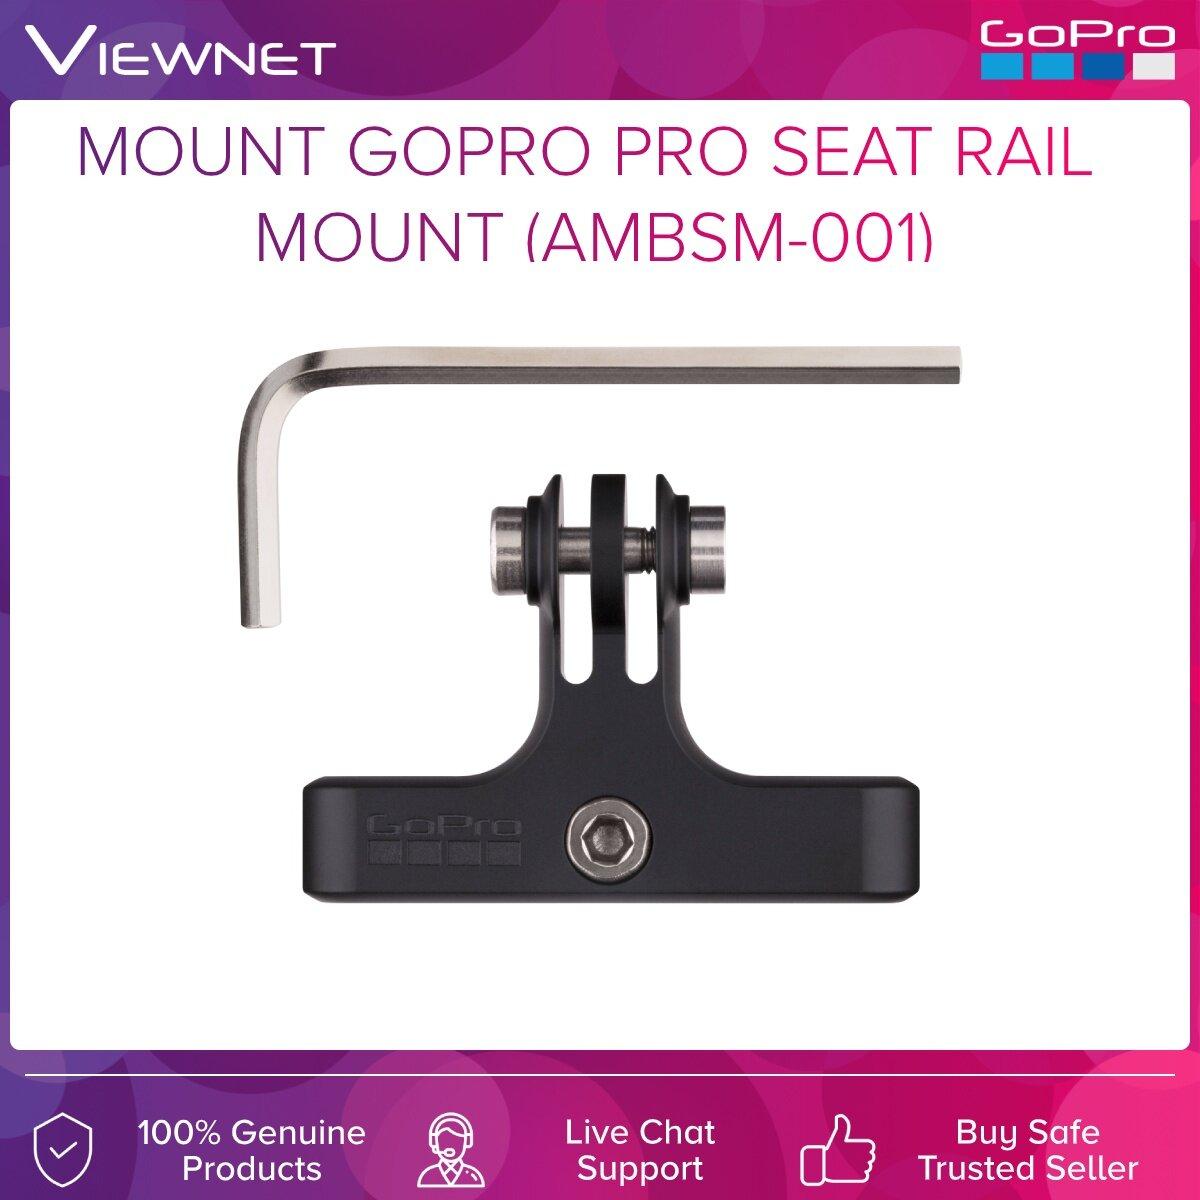 GOPRO PRO SEAT RAIL MOUNT (AMBSM-001) GOPRO MOUNT